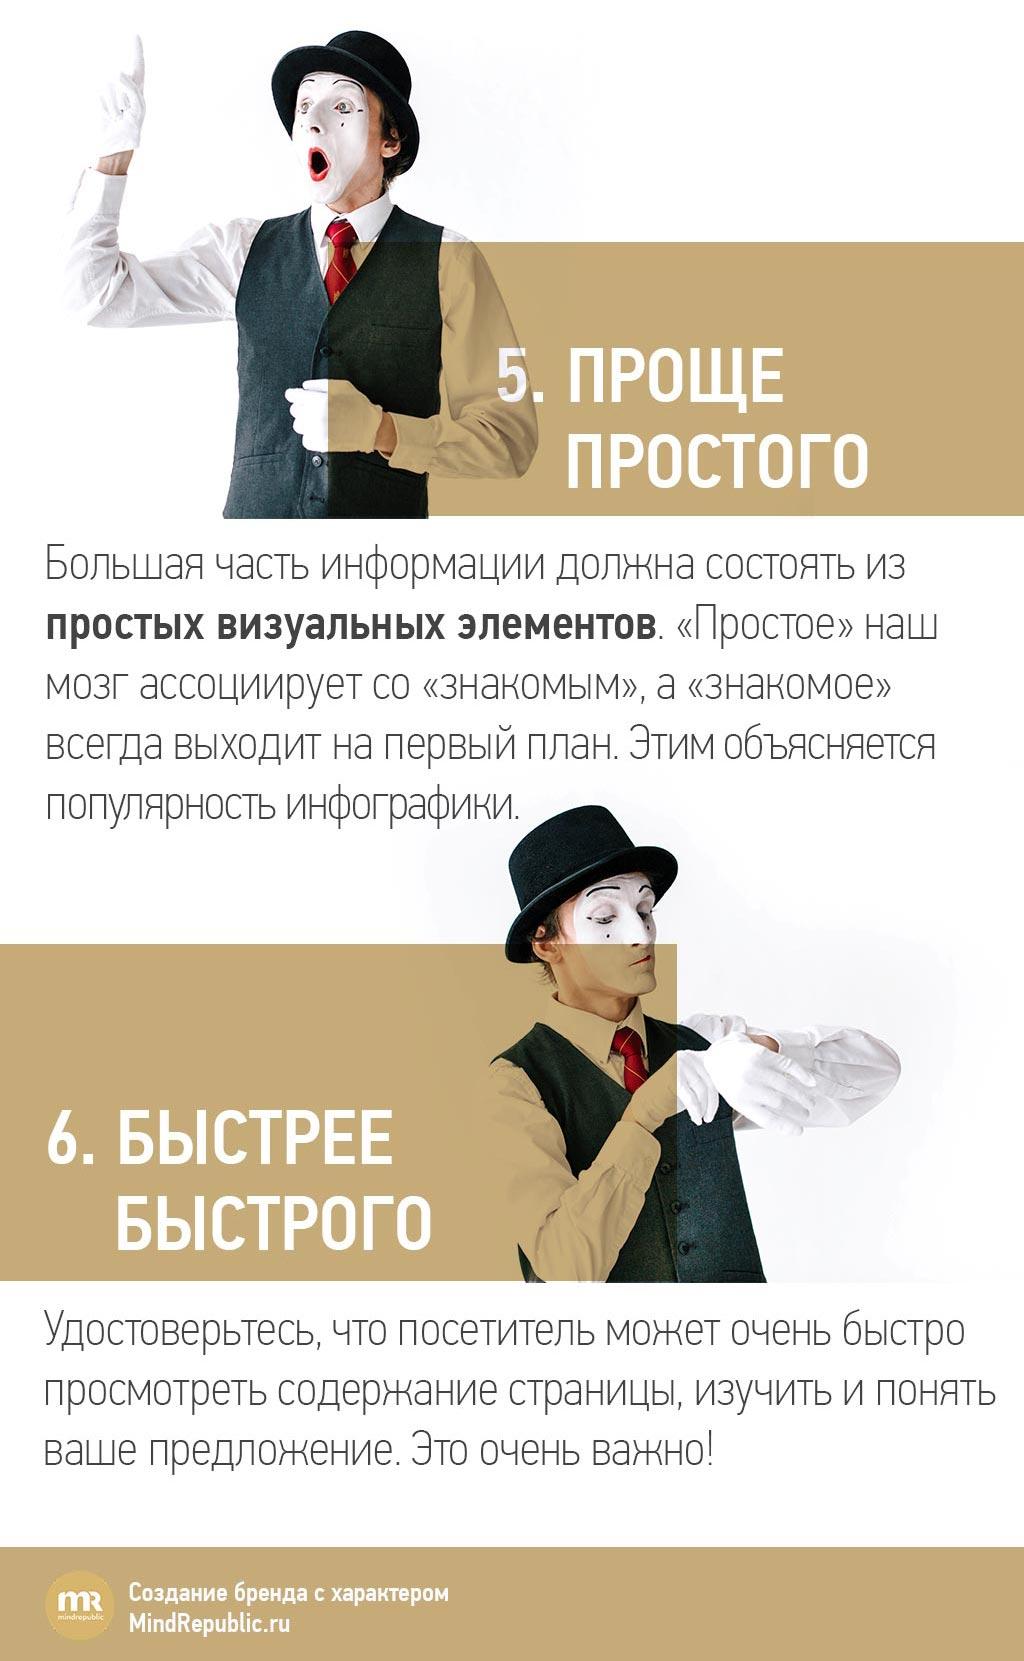 Нейромаркетинг. Инфографика про 14 триггеров, повышающих продажи картинка